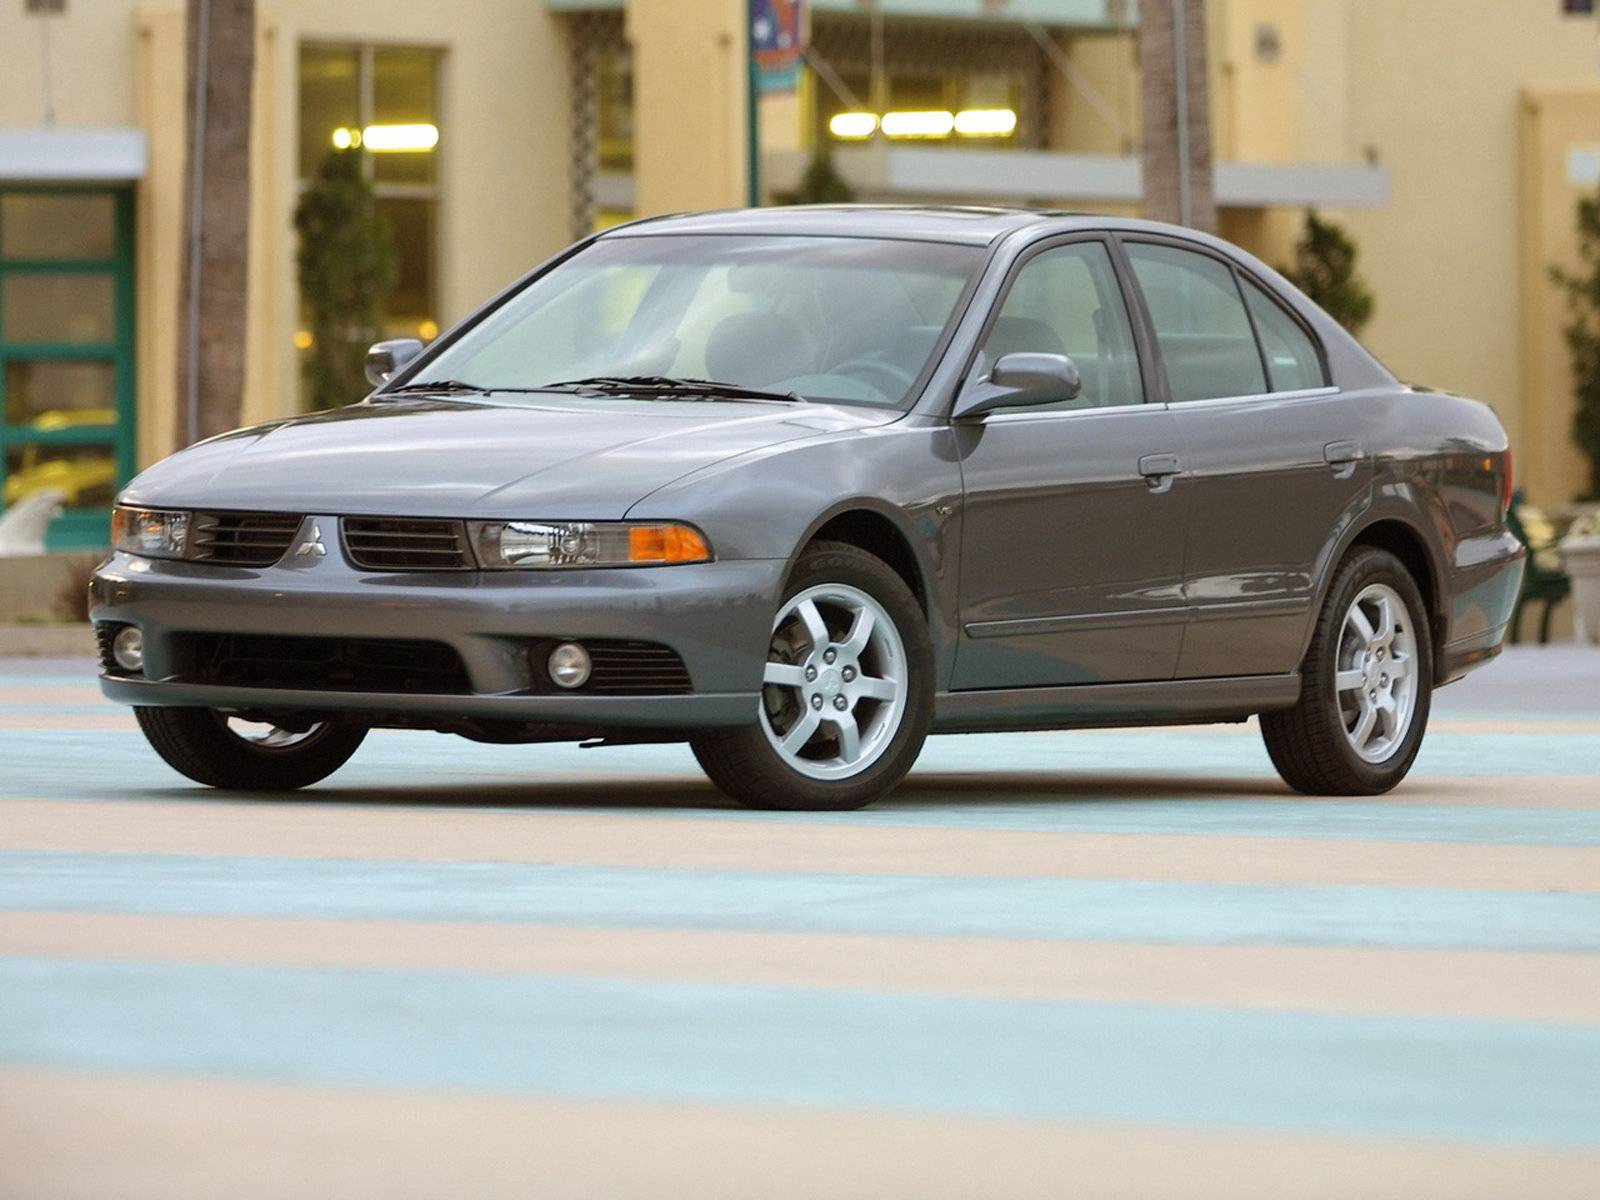 Жизнь после: стоит ли покупать Mitsubishi Galant VIII